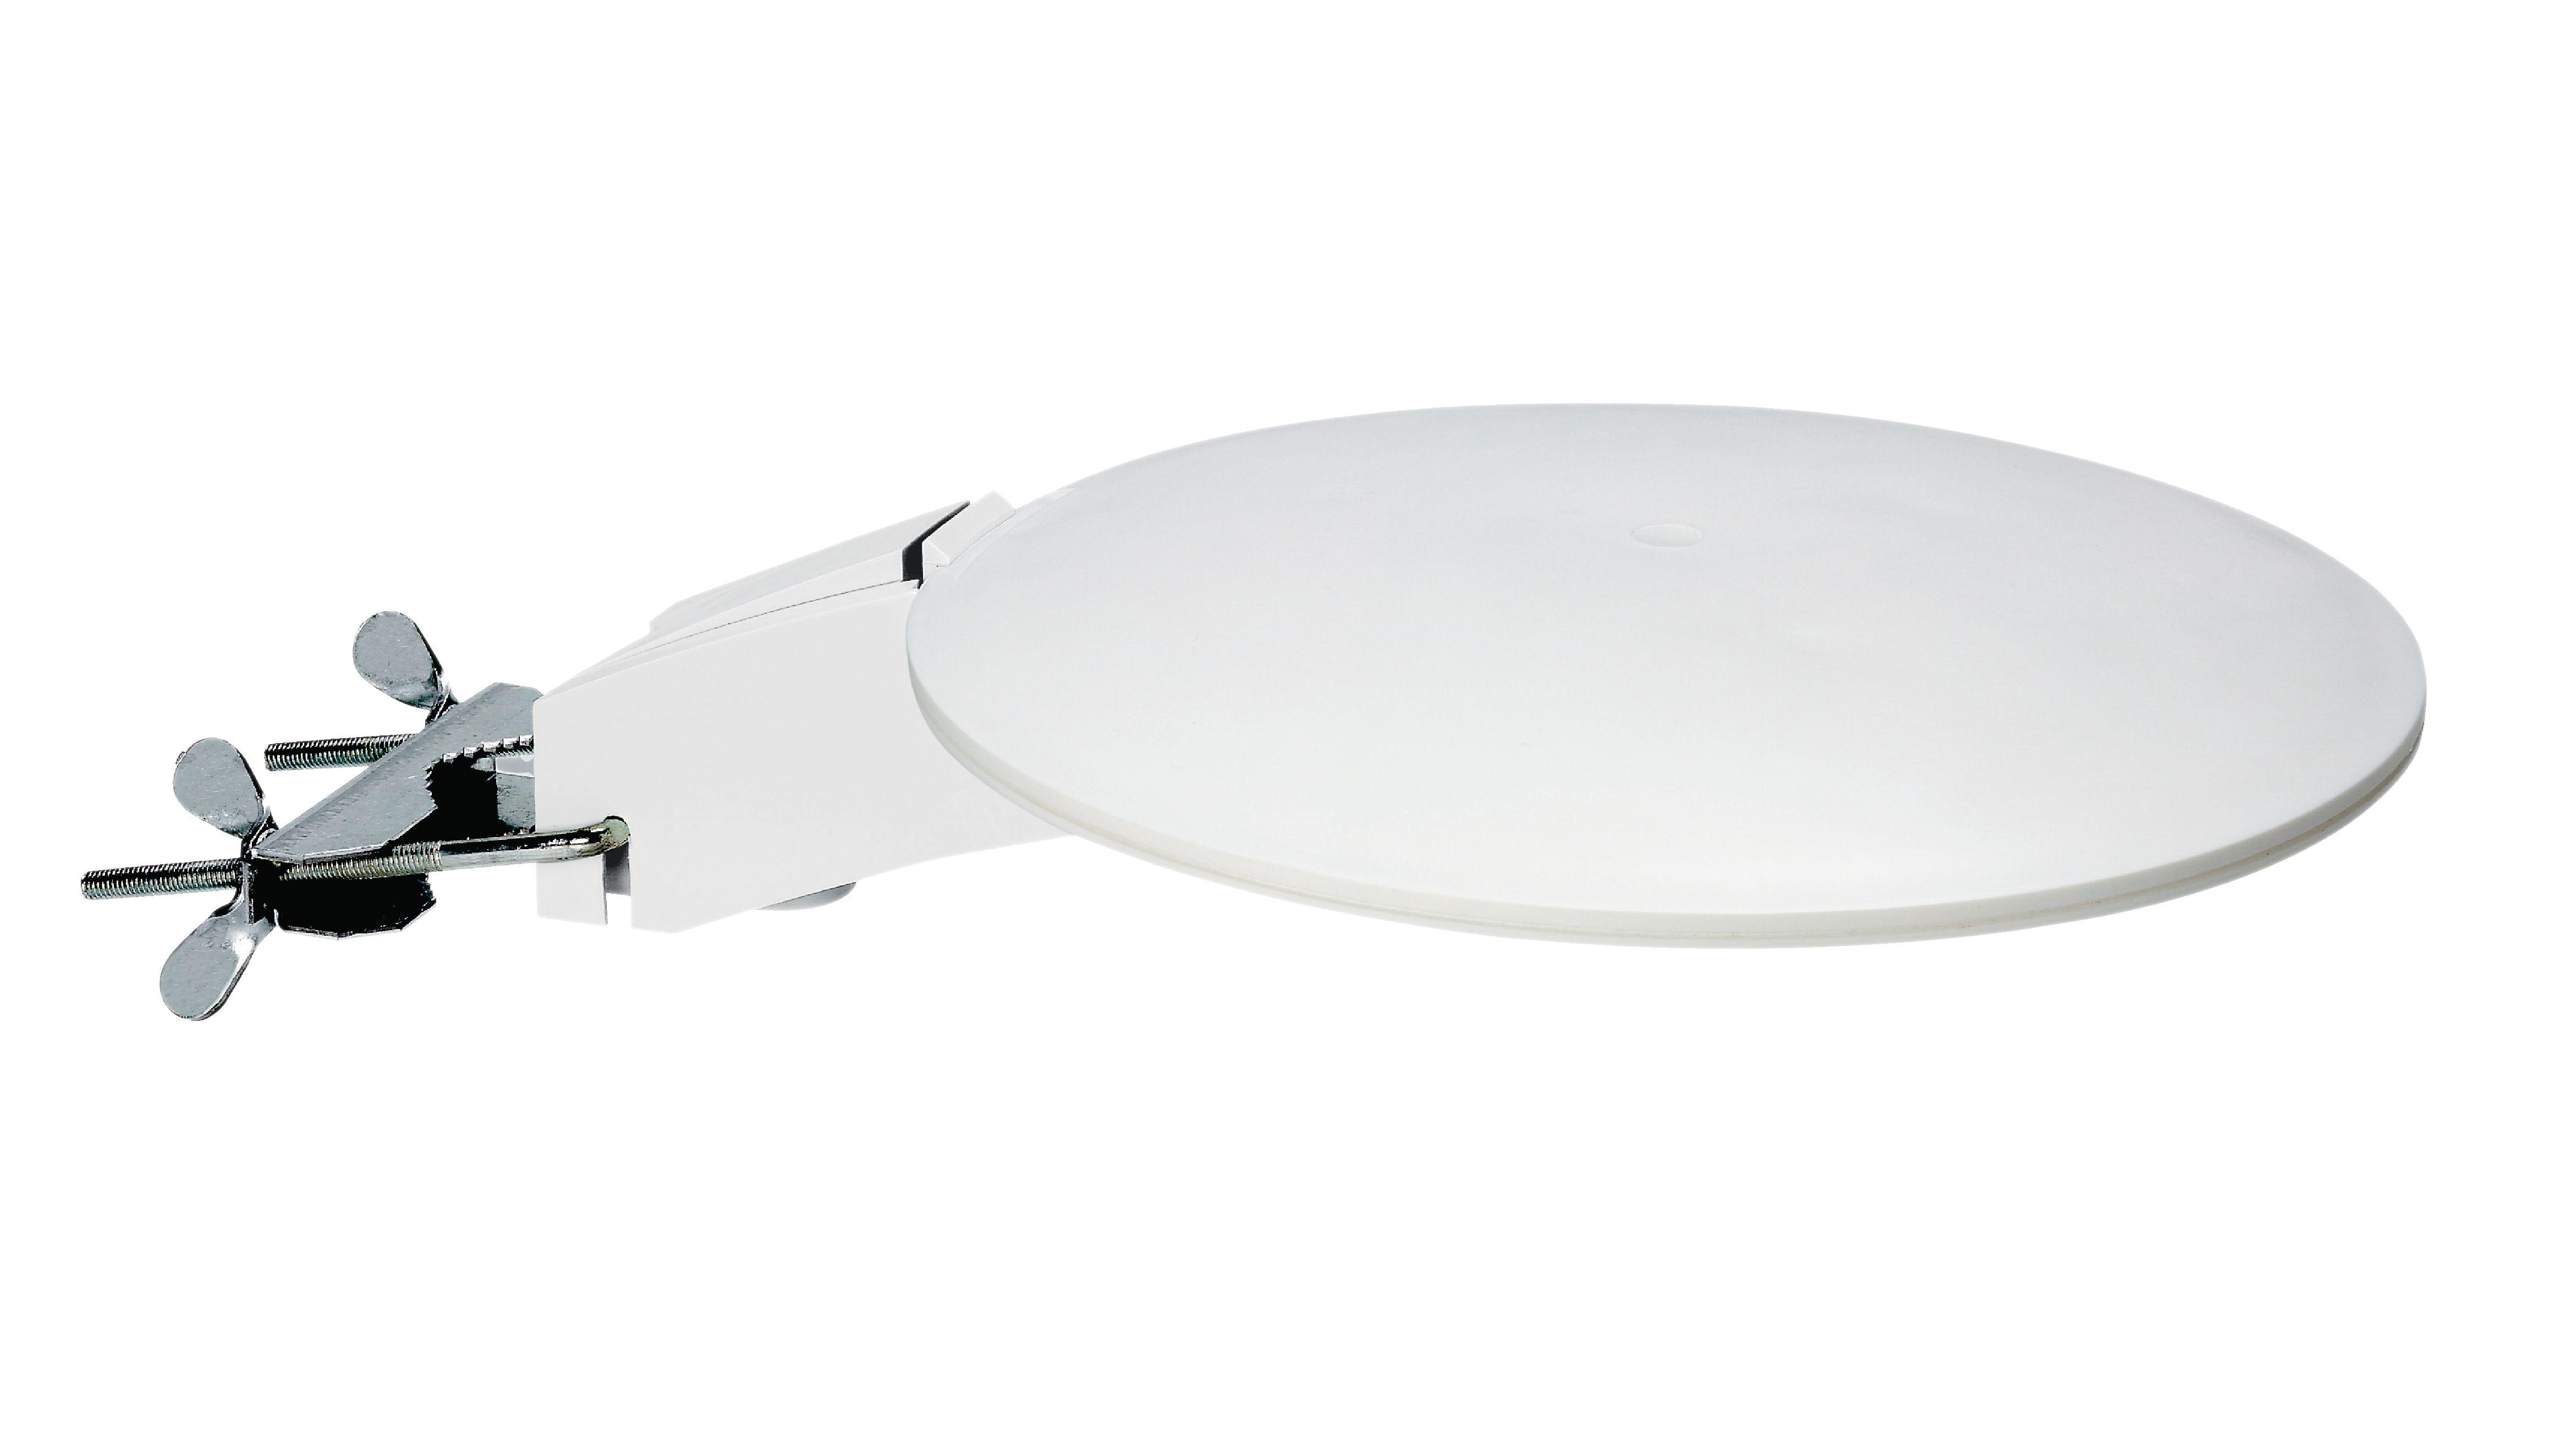 Anténa pro karavan FM/VHF/UHF DVB-T/T2 LTE 28 dB, Triax UFO T109170